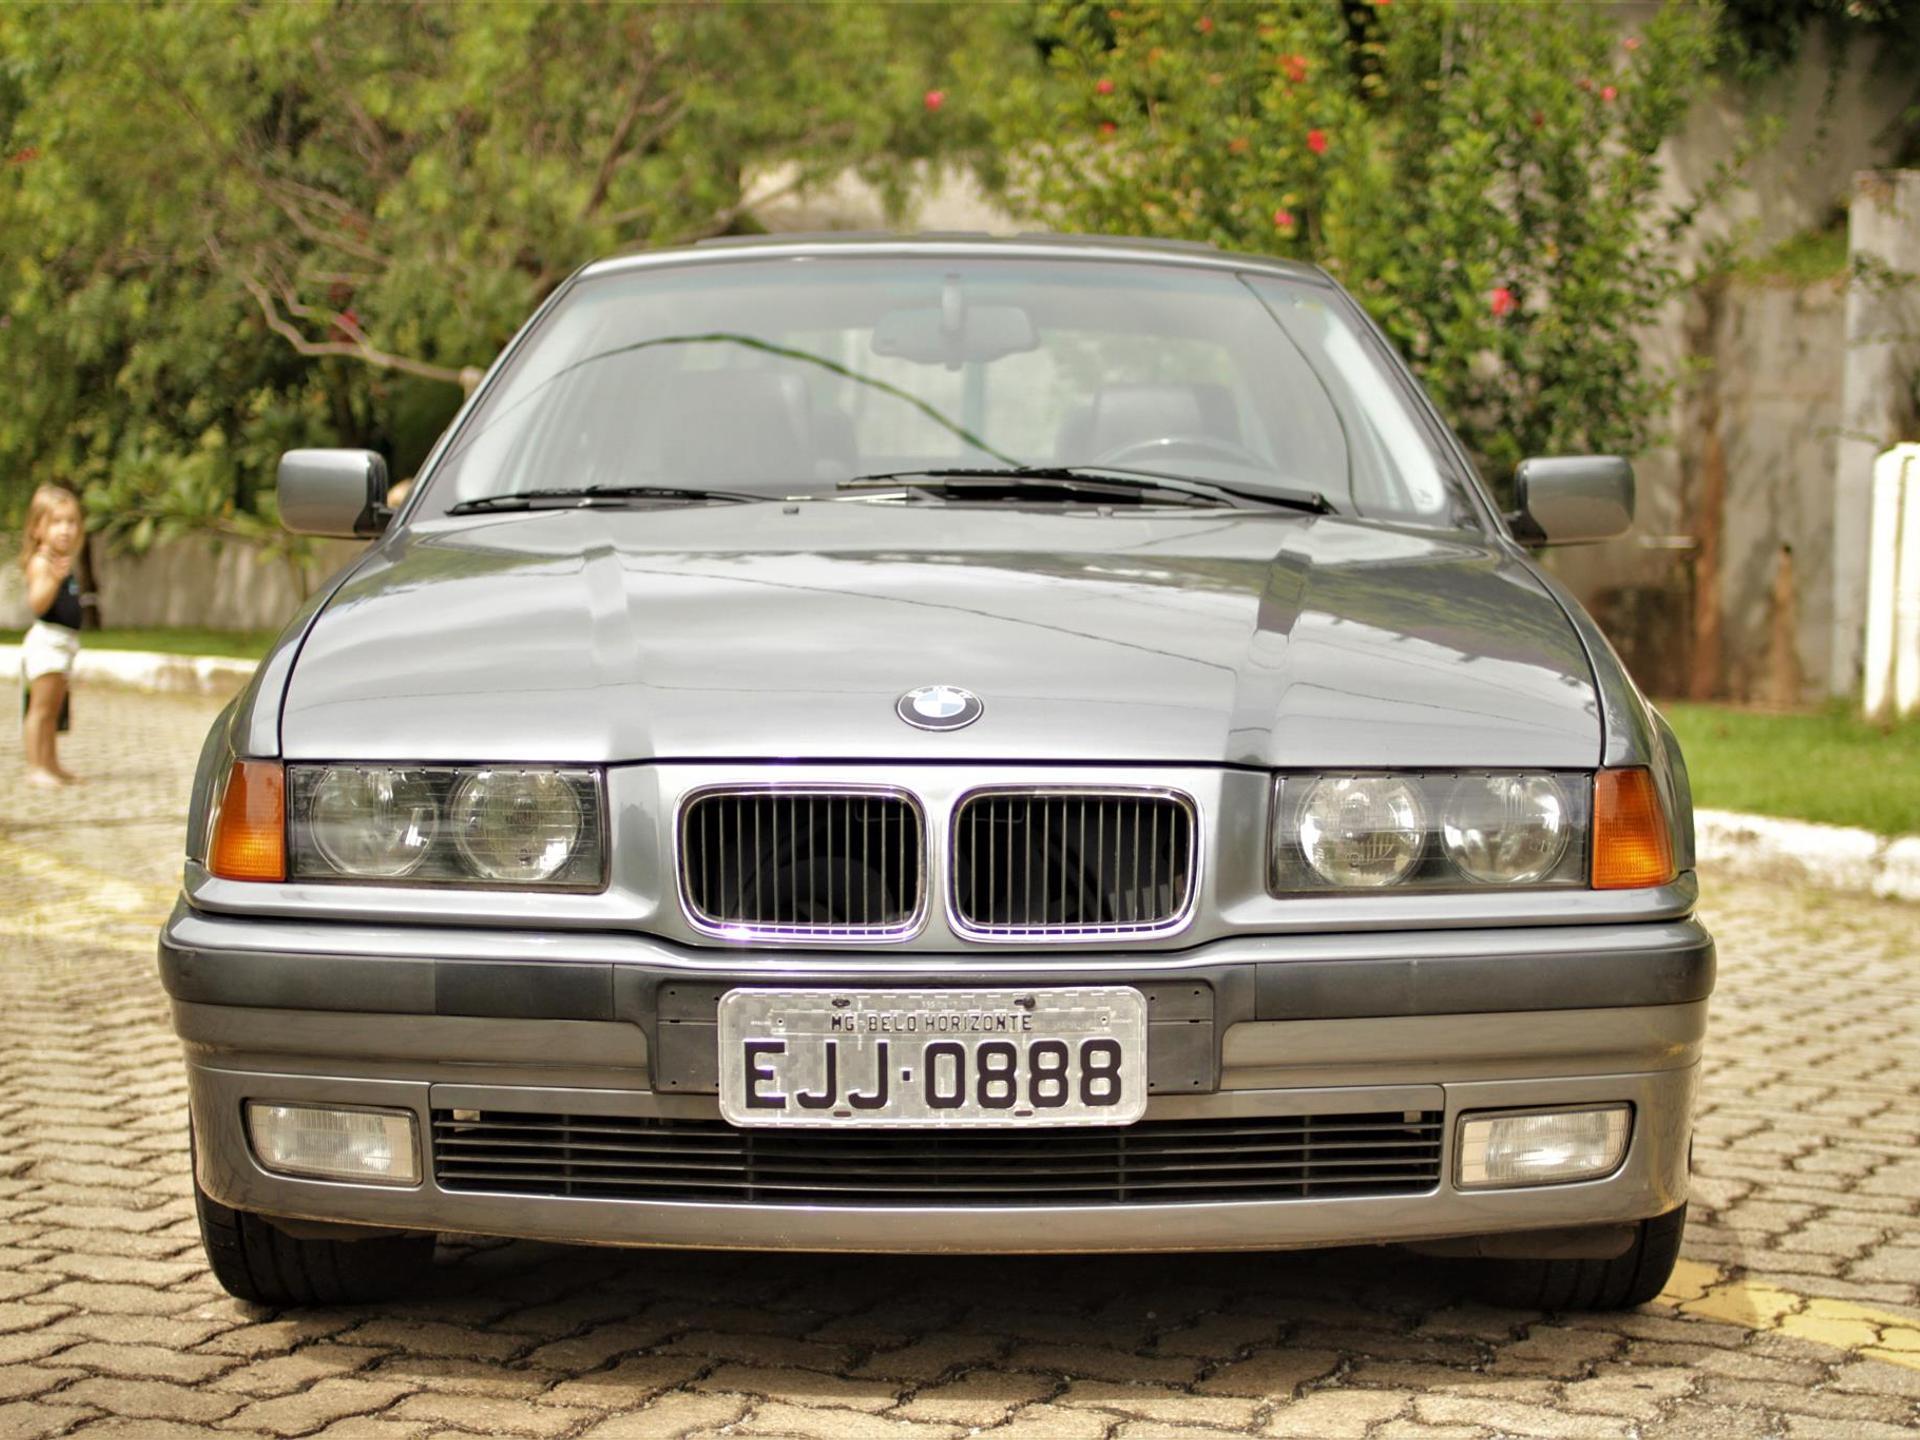 Bmw 328i 2.8 Sedan 24v Gasolina 4p Automatico Wmimagem13342254743